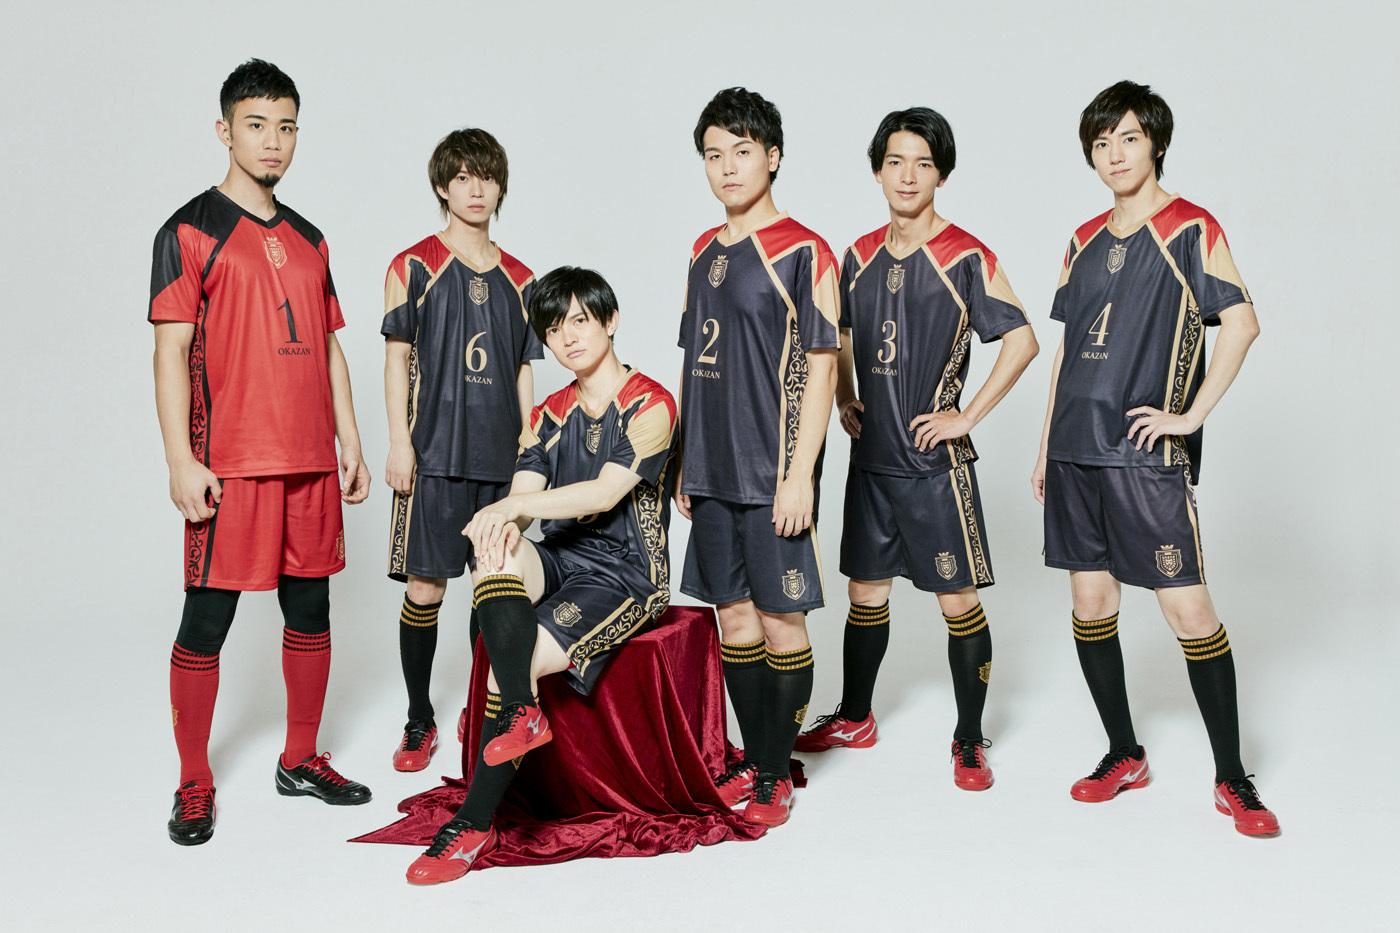 皇花山学園集合 (C)FUTSAL BOYS!!!!! ORIGINAL WORK